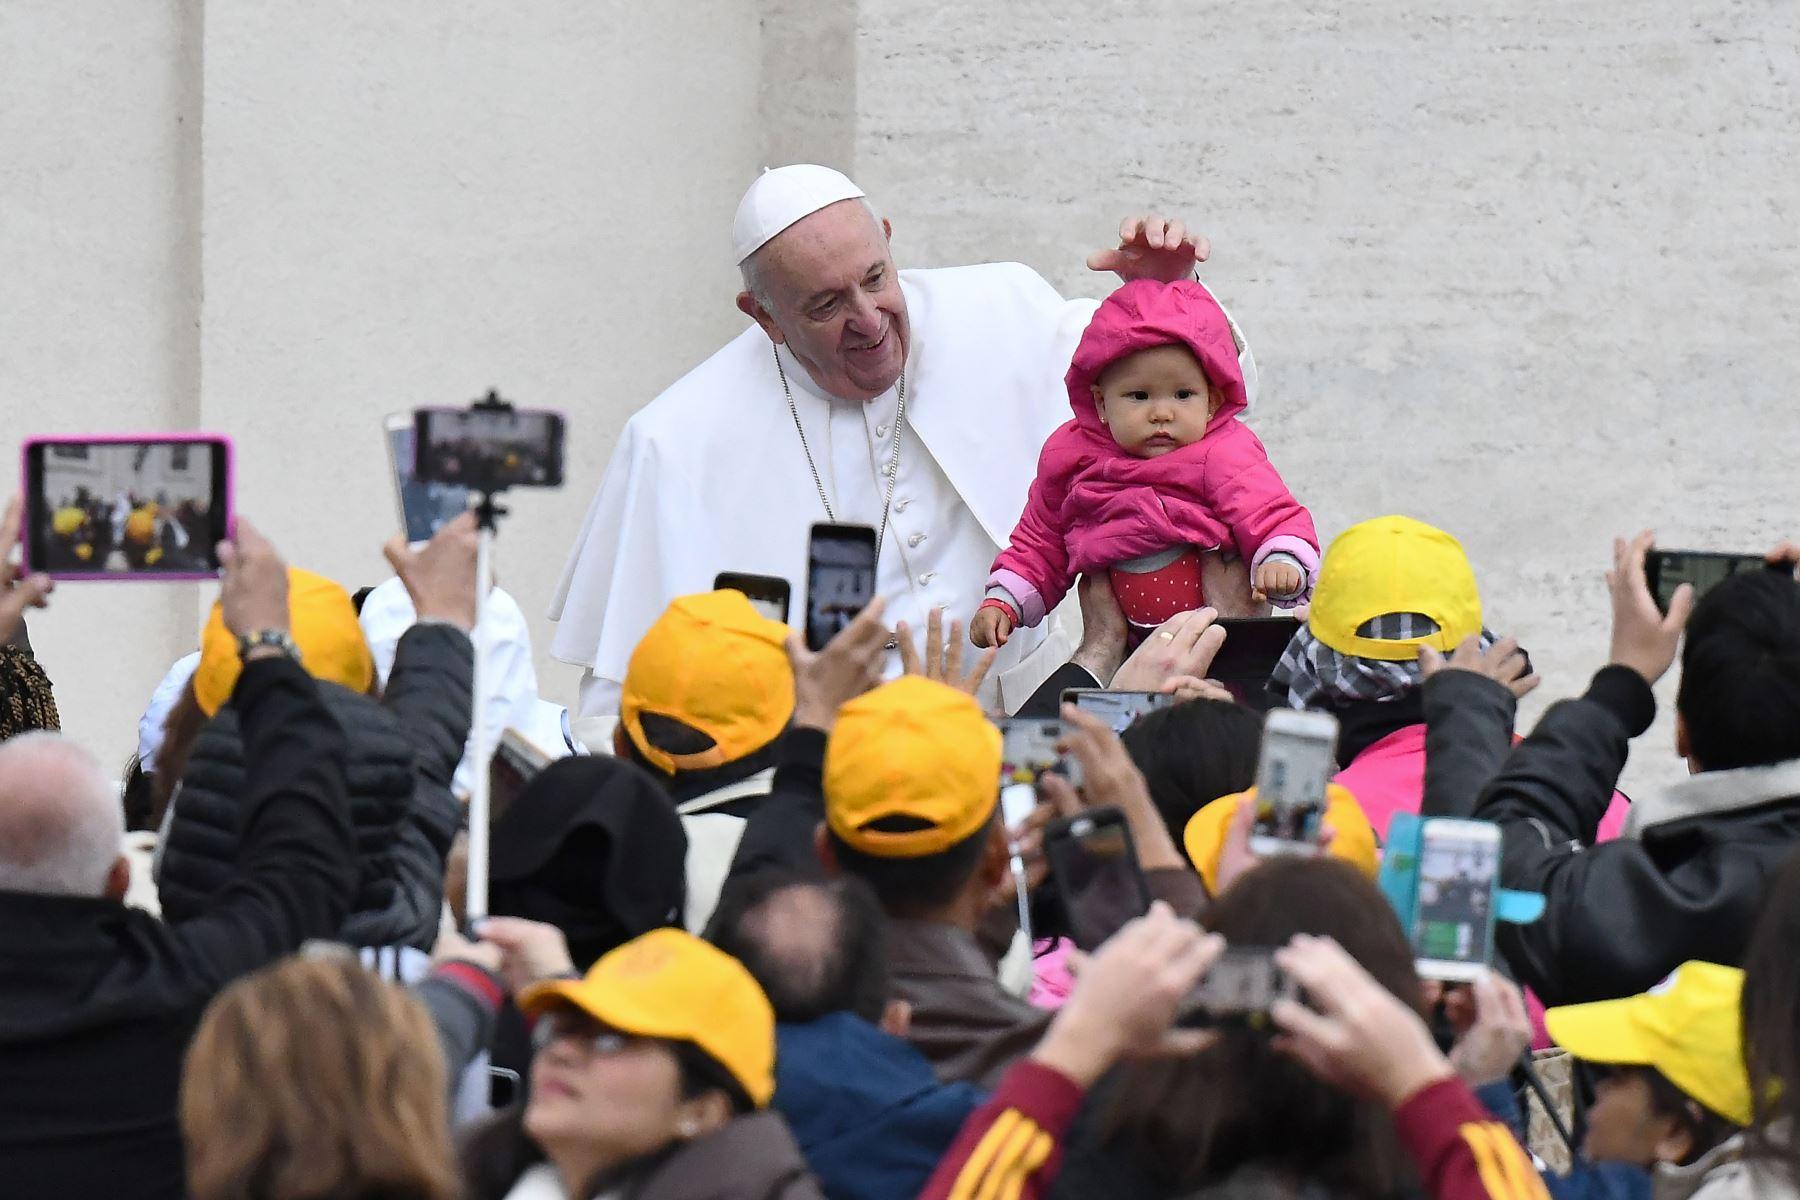 El Papa Francisco saluda cuando llega a su audiencia general semanal en la Plaza de San Pedro en el Vaticano. Foto: AFP